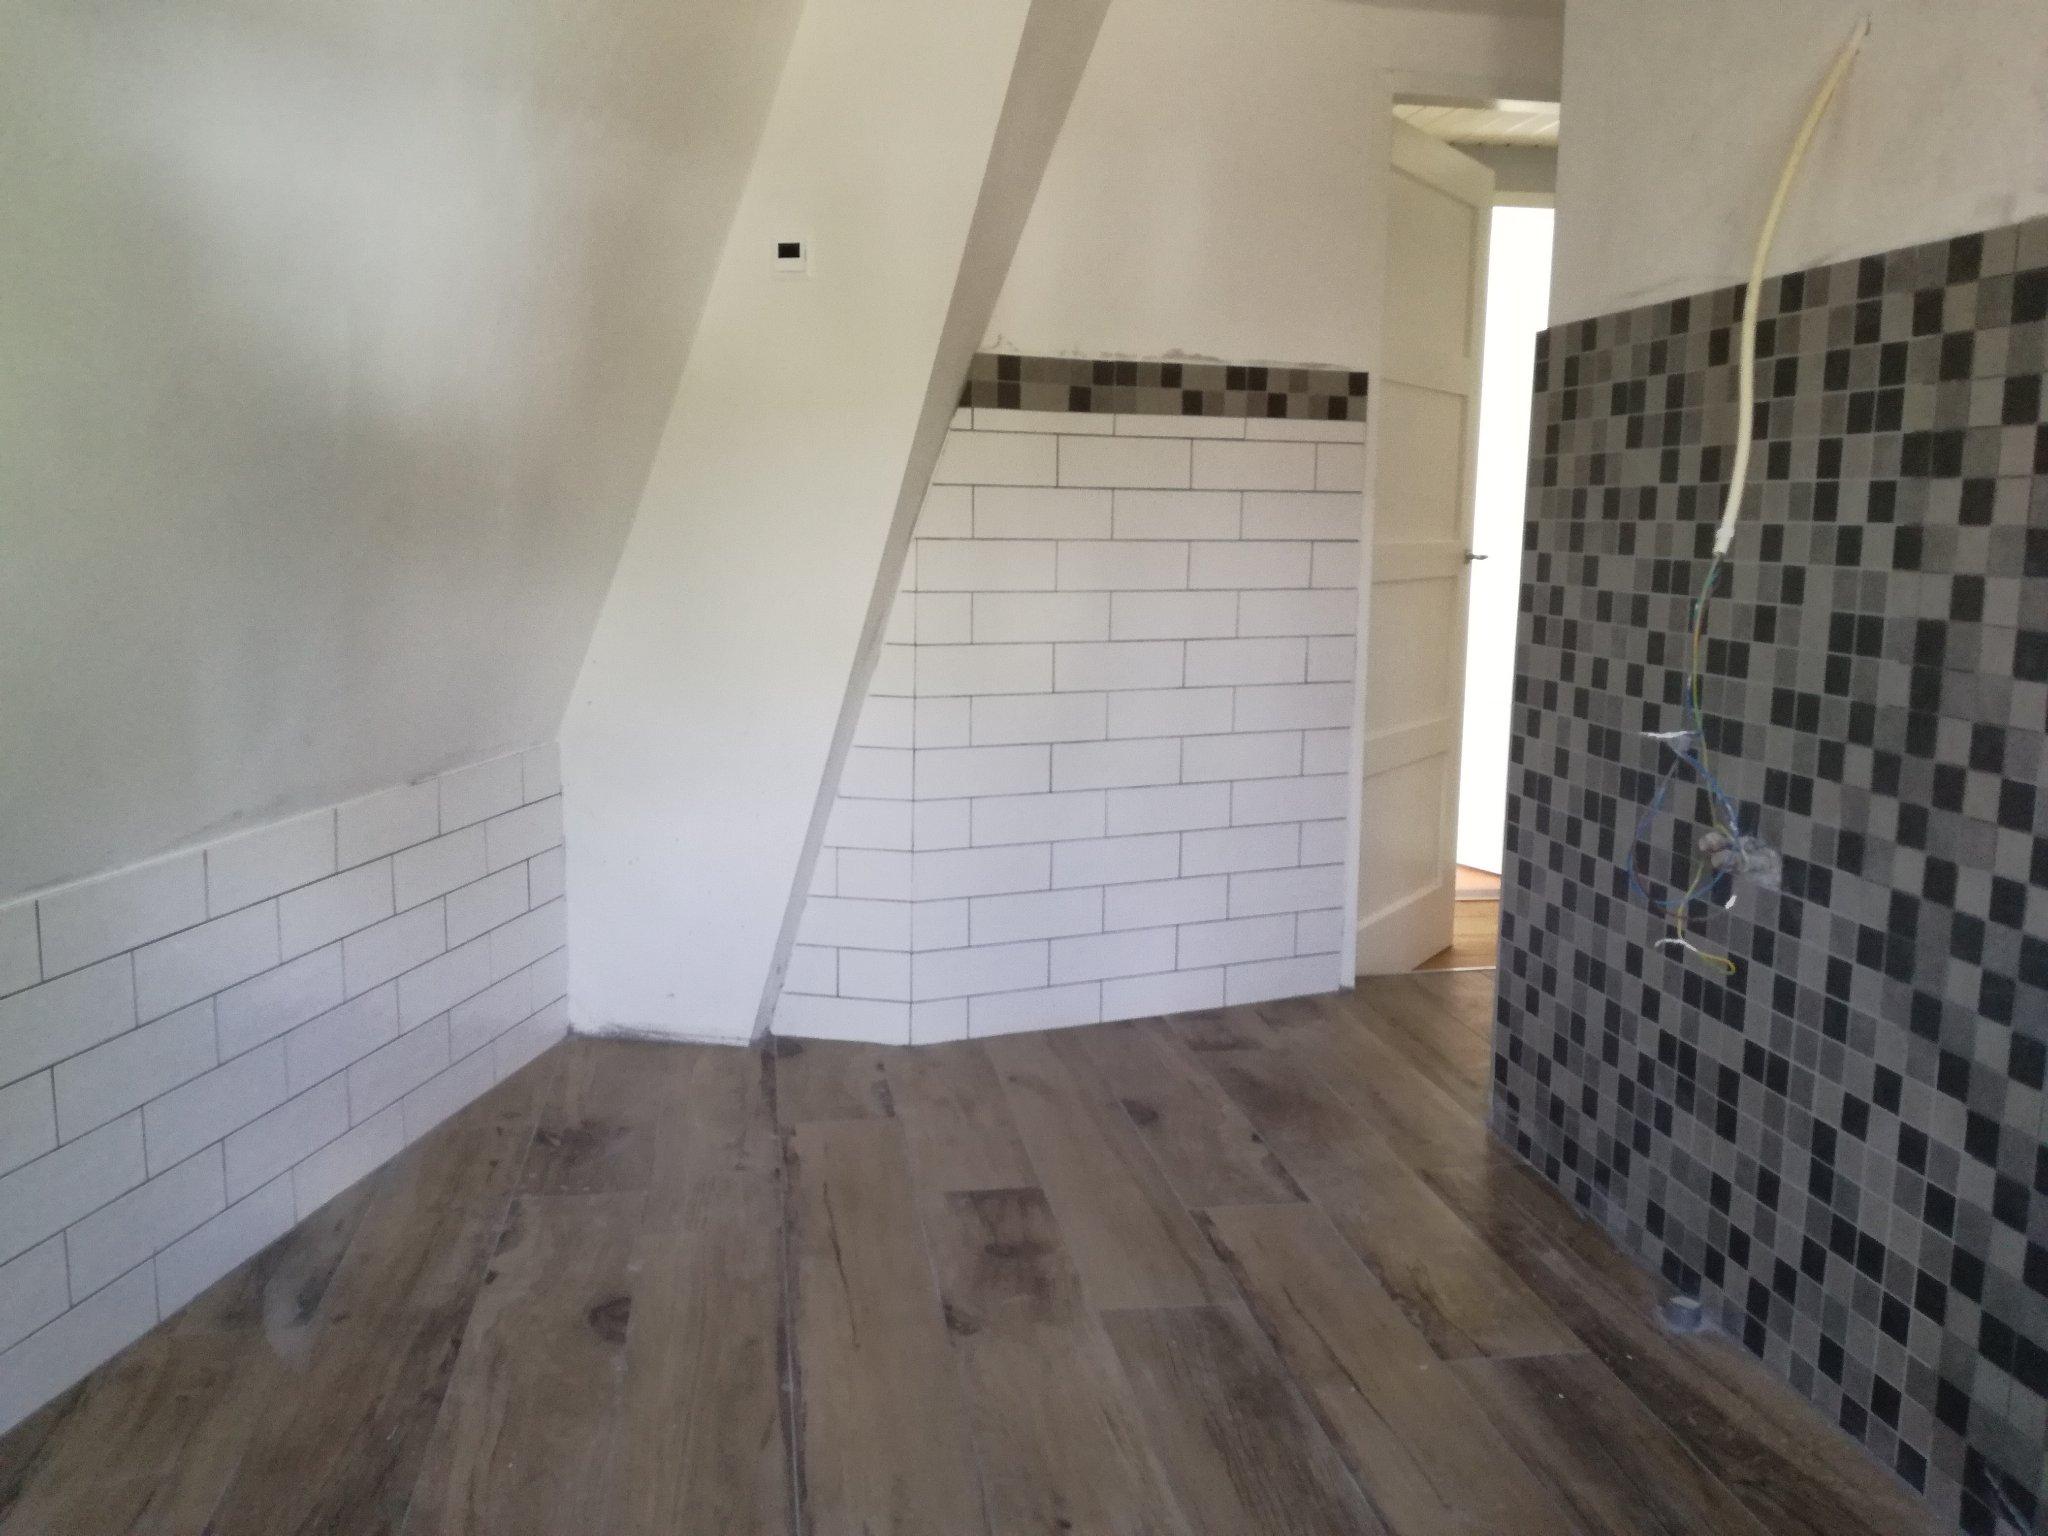 Tegelen vloer en electrische vloerverwarming aanleggen in badkamer ...